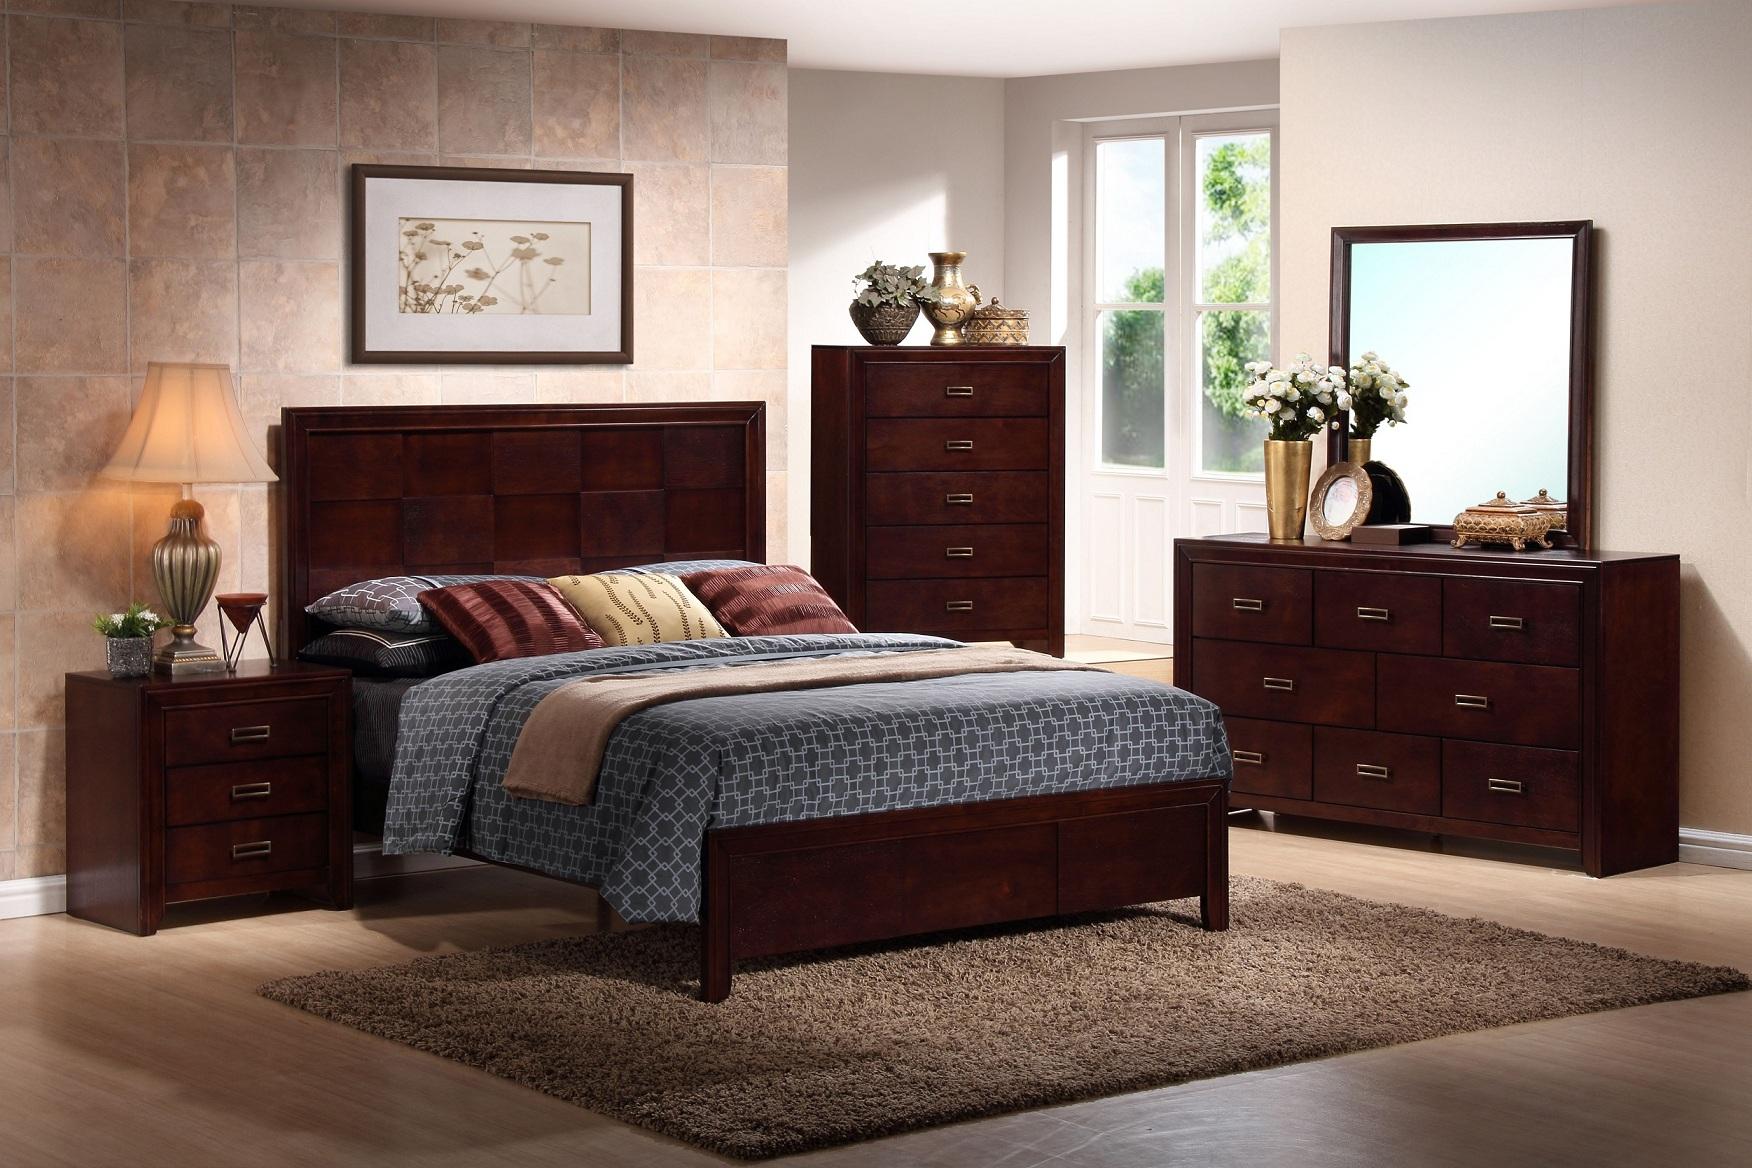 بالصور غرف نوم كلاسيك , غرف نوم جميله وجديده 4087